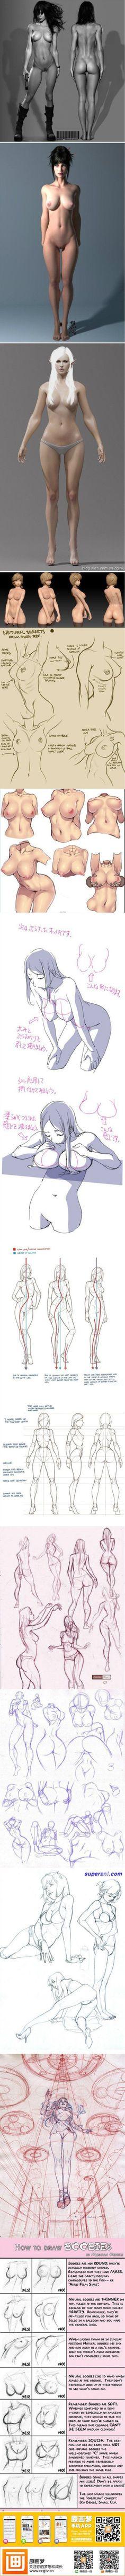 Body anatomy. How to draw female body.: